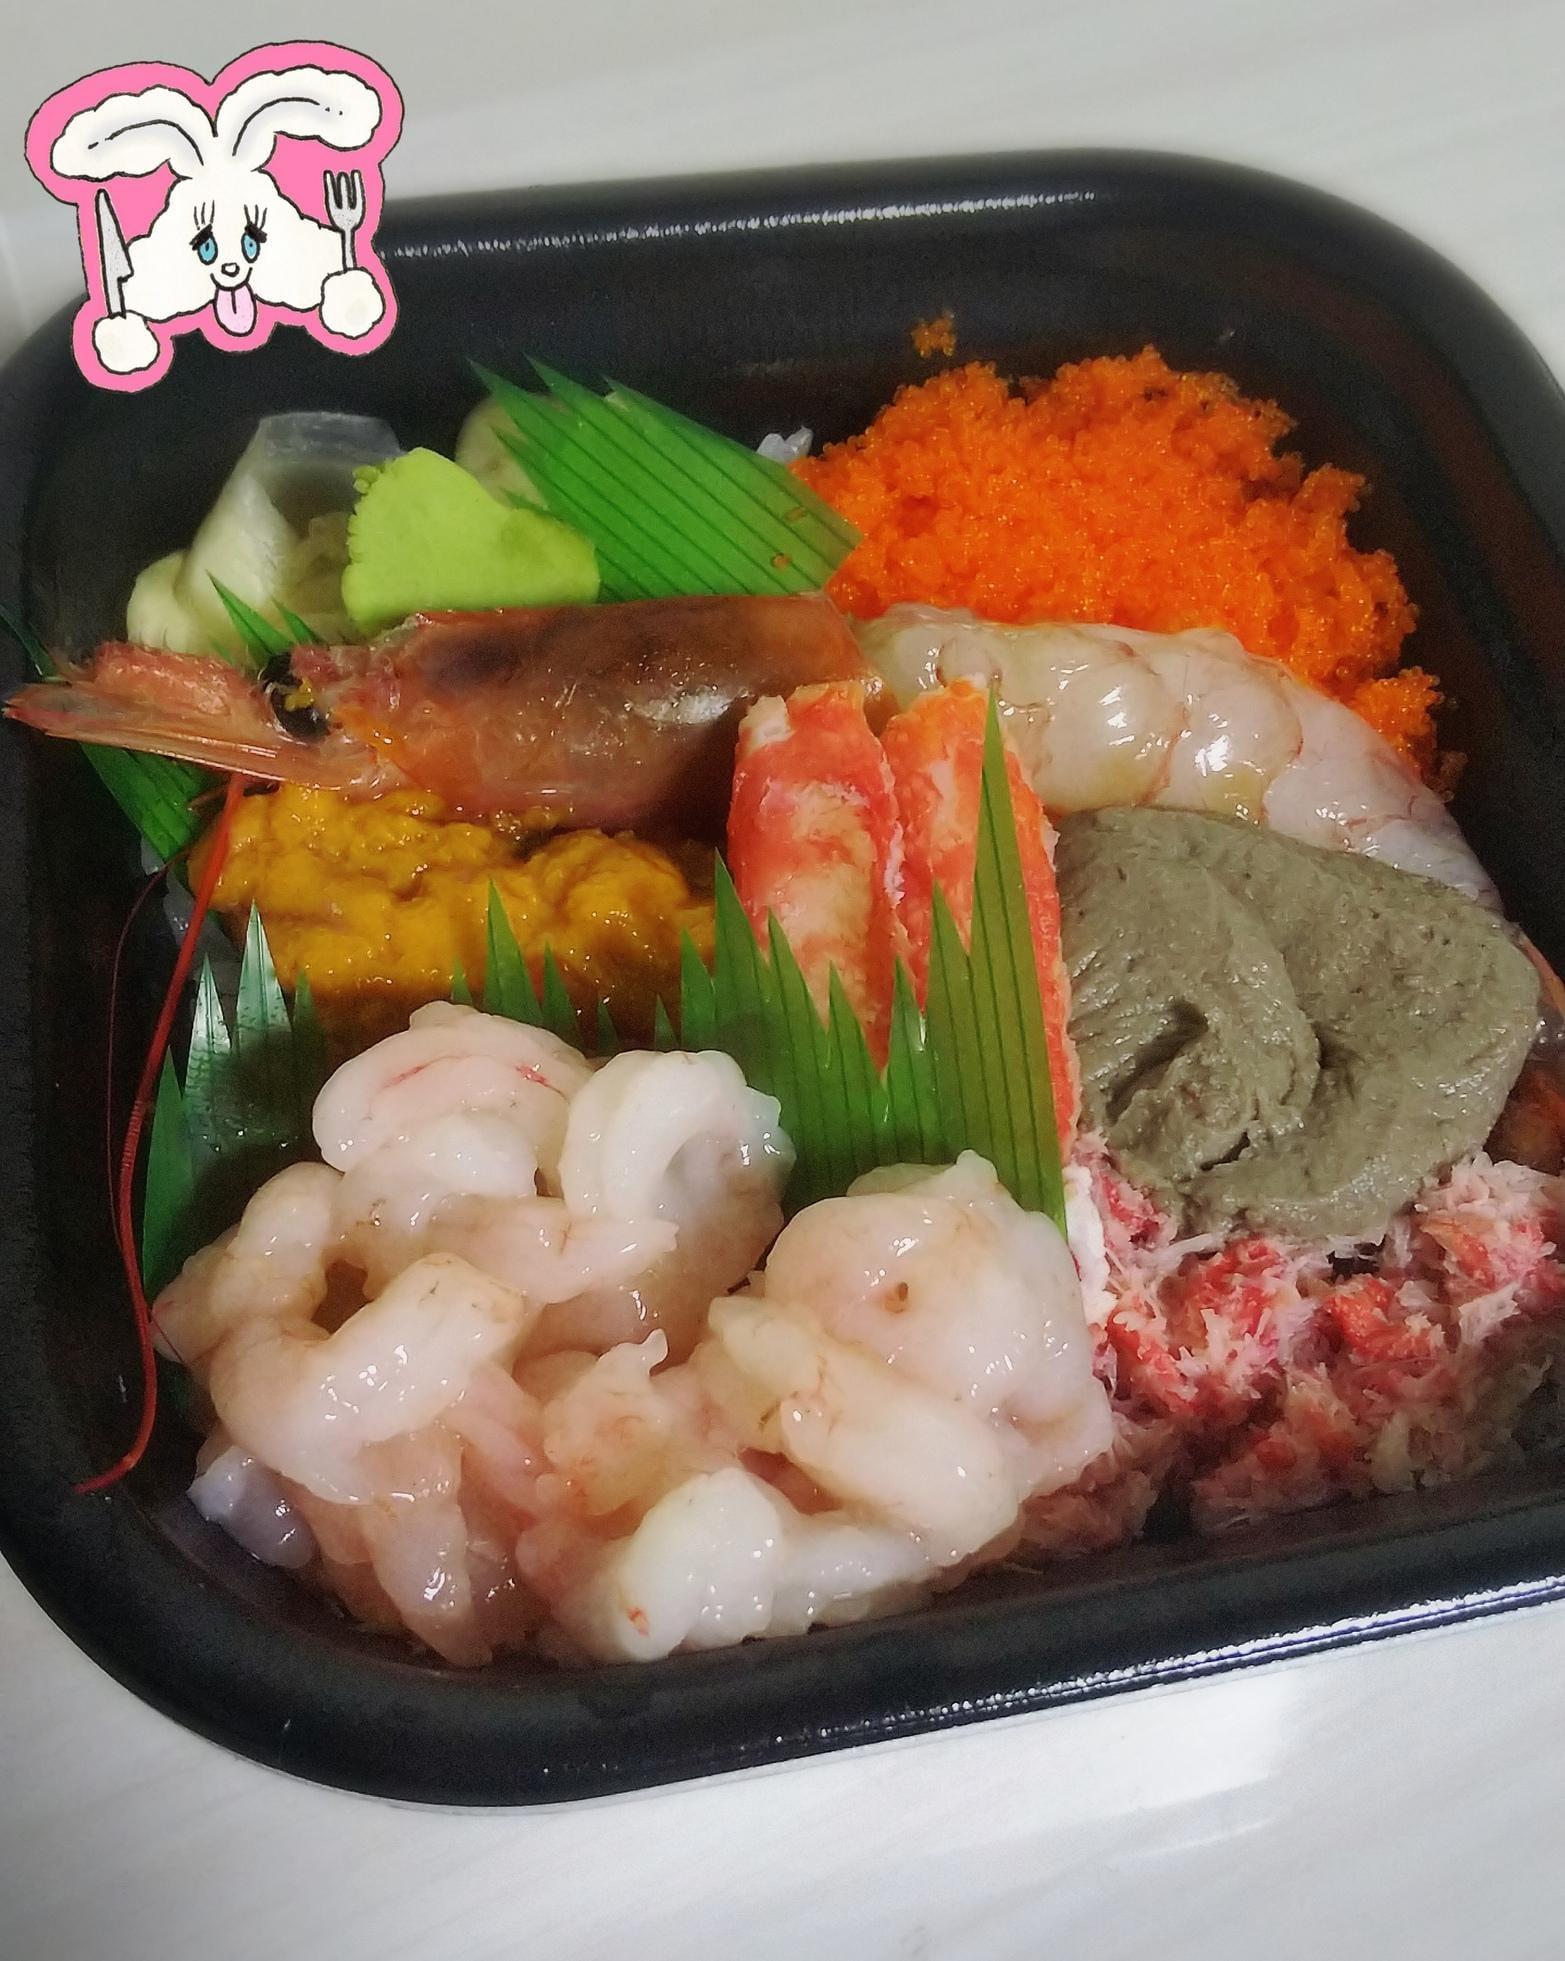 「海鮮丼!」05/21(月) 22:34 | 嘉島けいの写メ・風俗動画